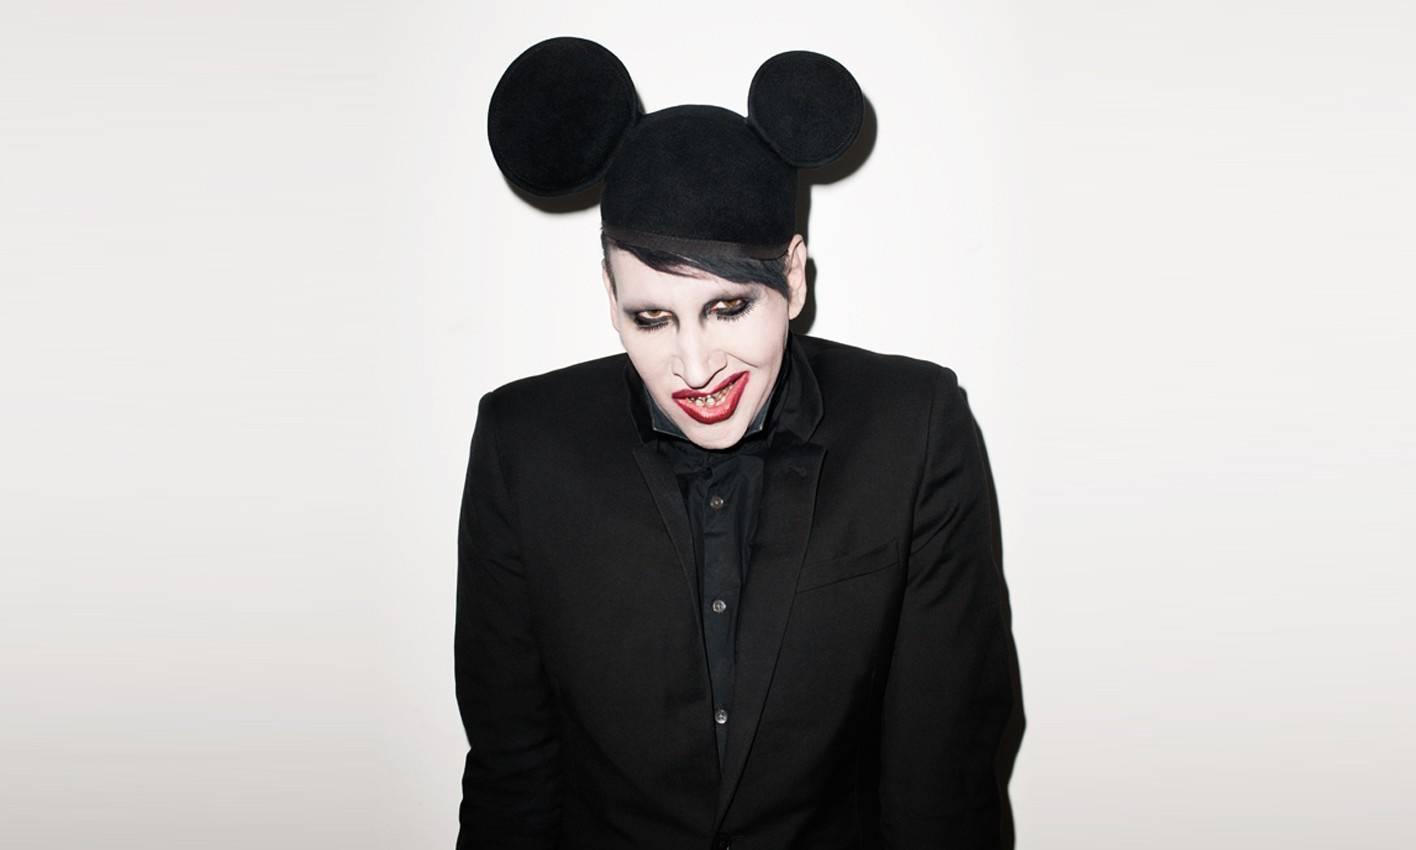 POST SCRIPTUM (31): Přání smrti - bývalý spoluhráč vzkazuje Marilynu Mansonovi, aby se zastřelil